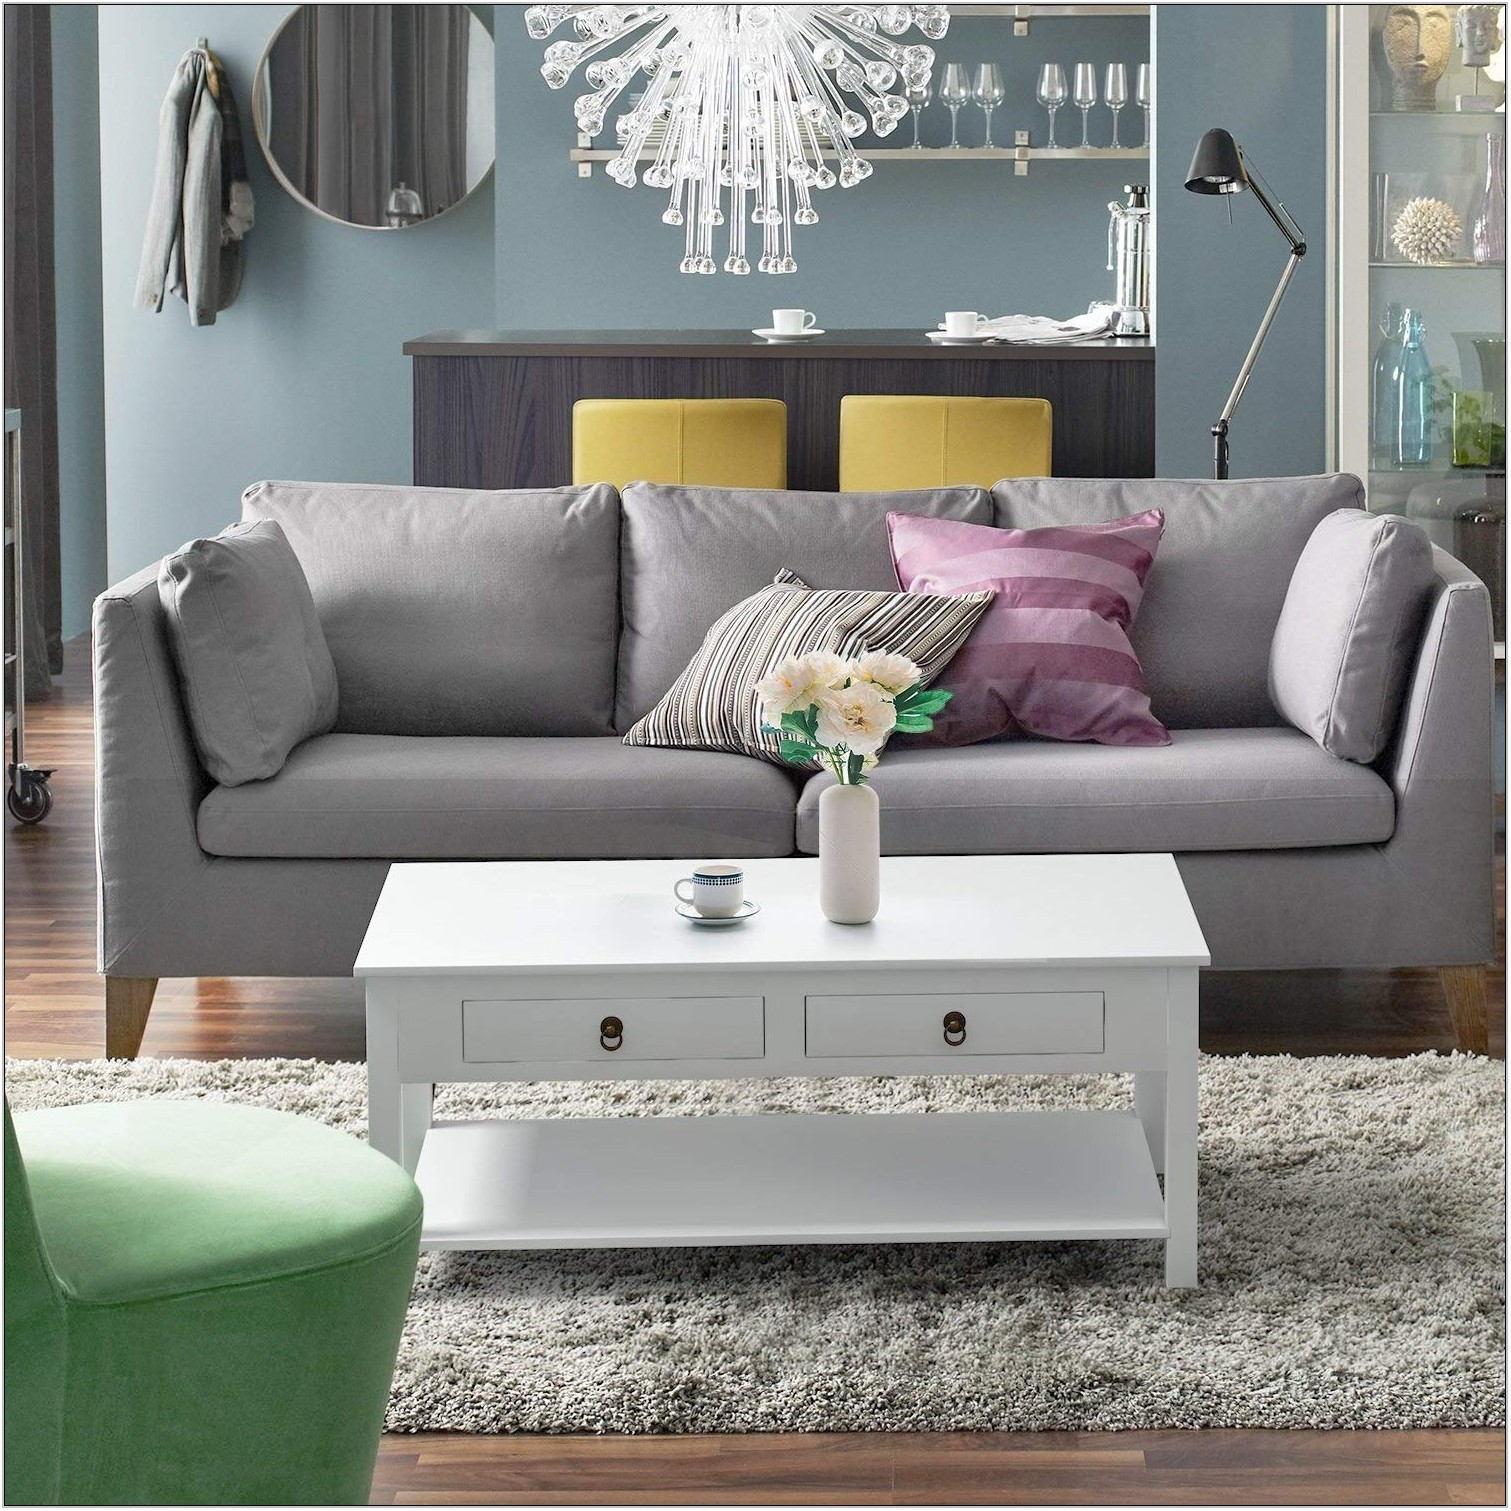 White Center Table For Living Room